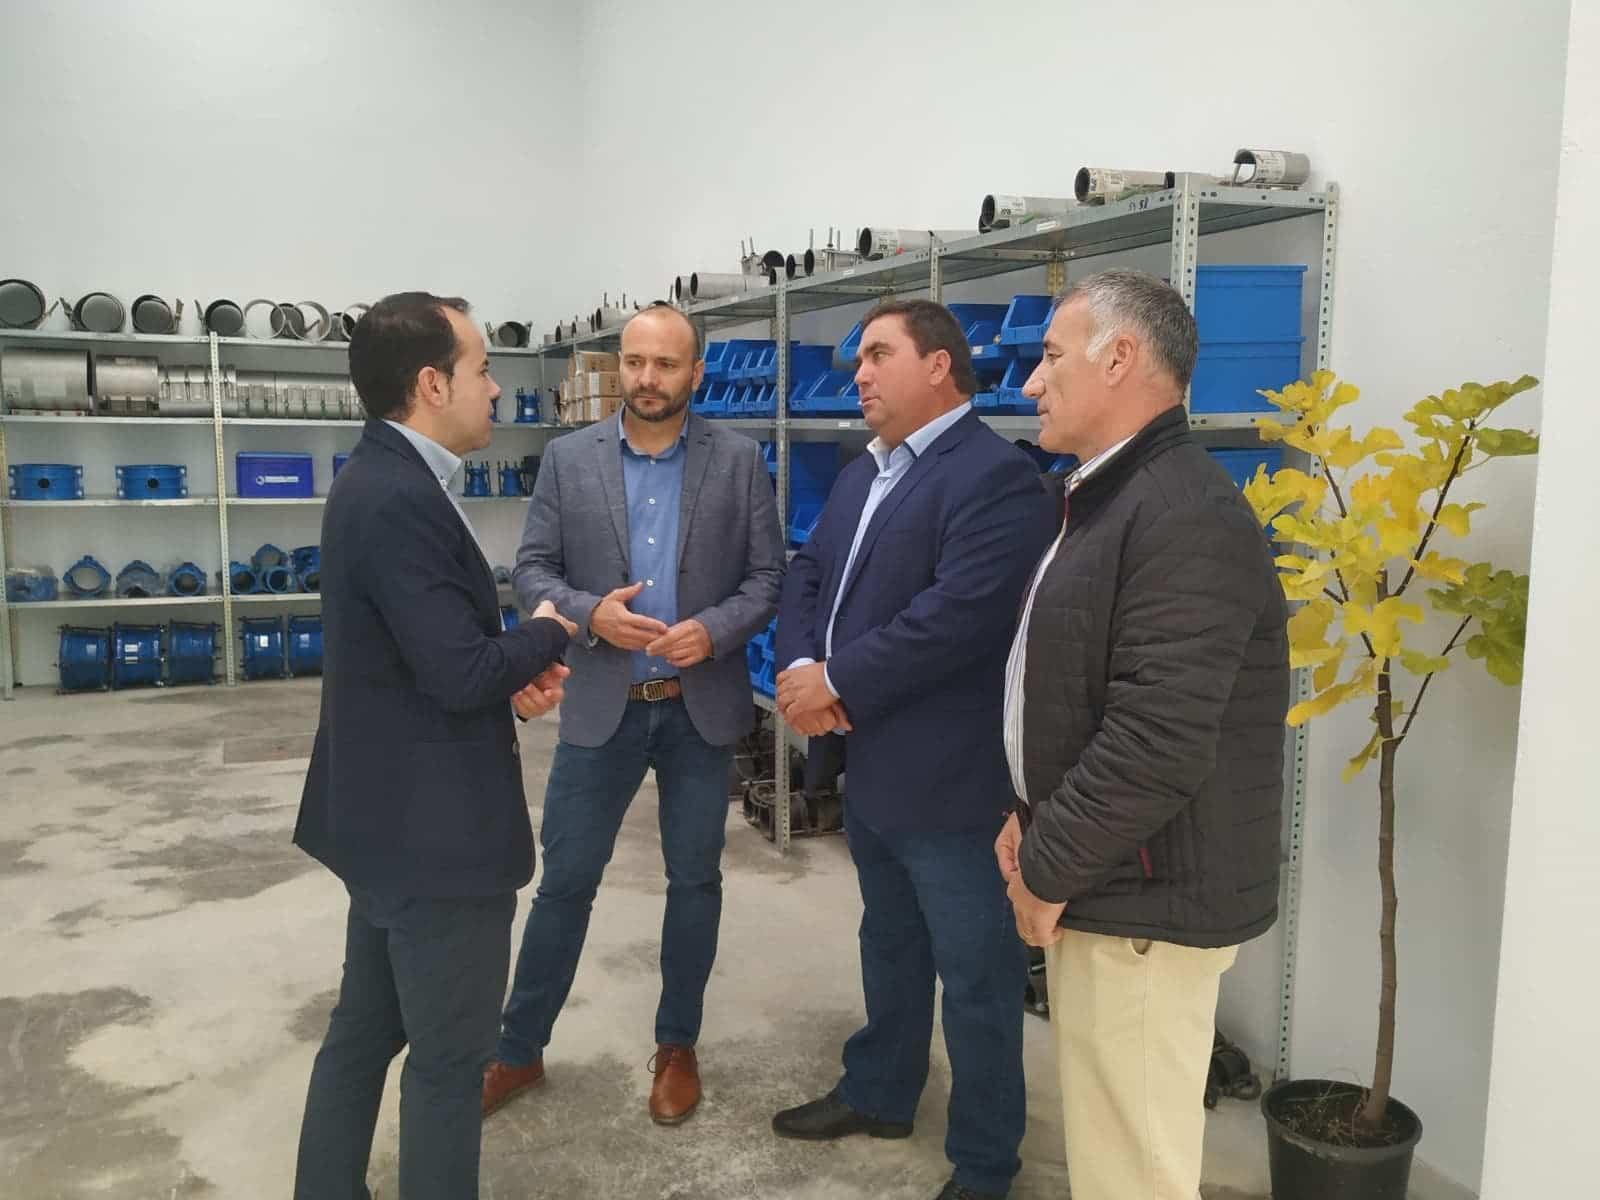 nueva sede emaser herencia 3 - Inaugurada la nueva oficina del Servicio de Aguas Emaser en Herencia